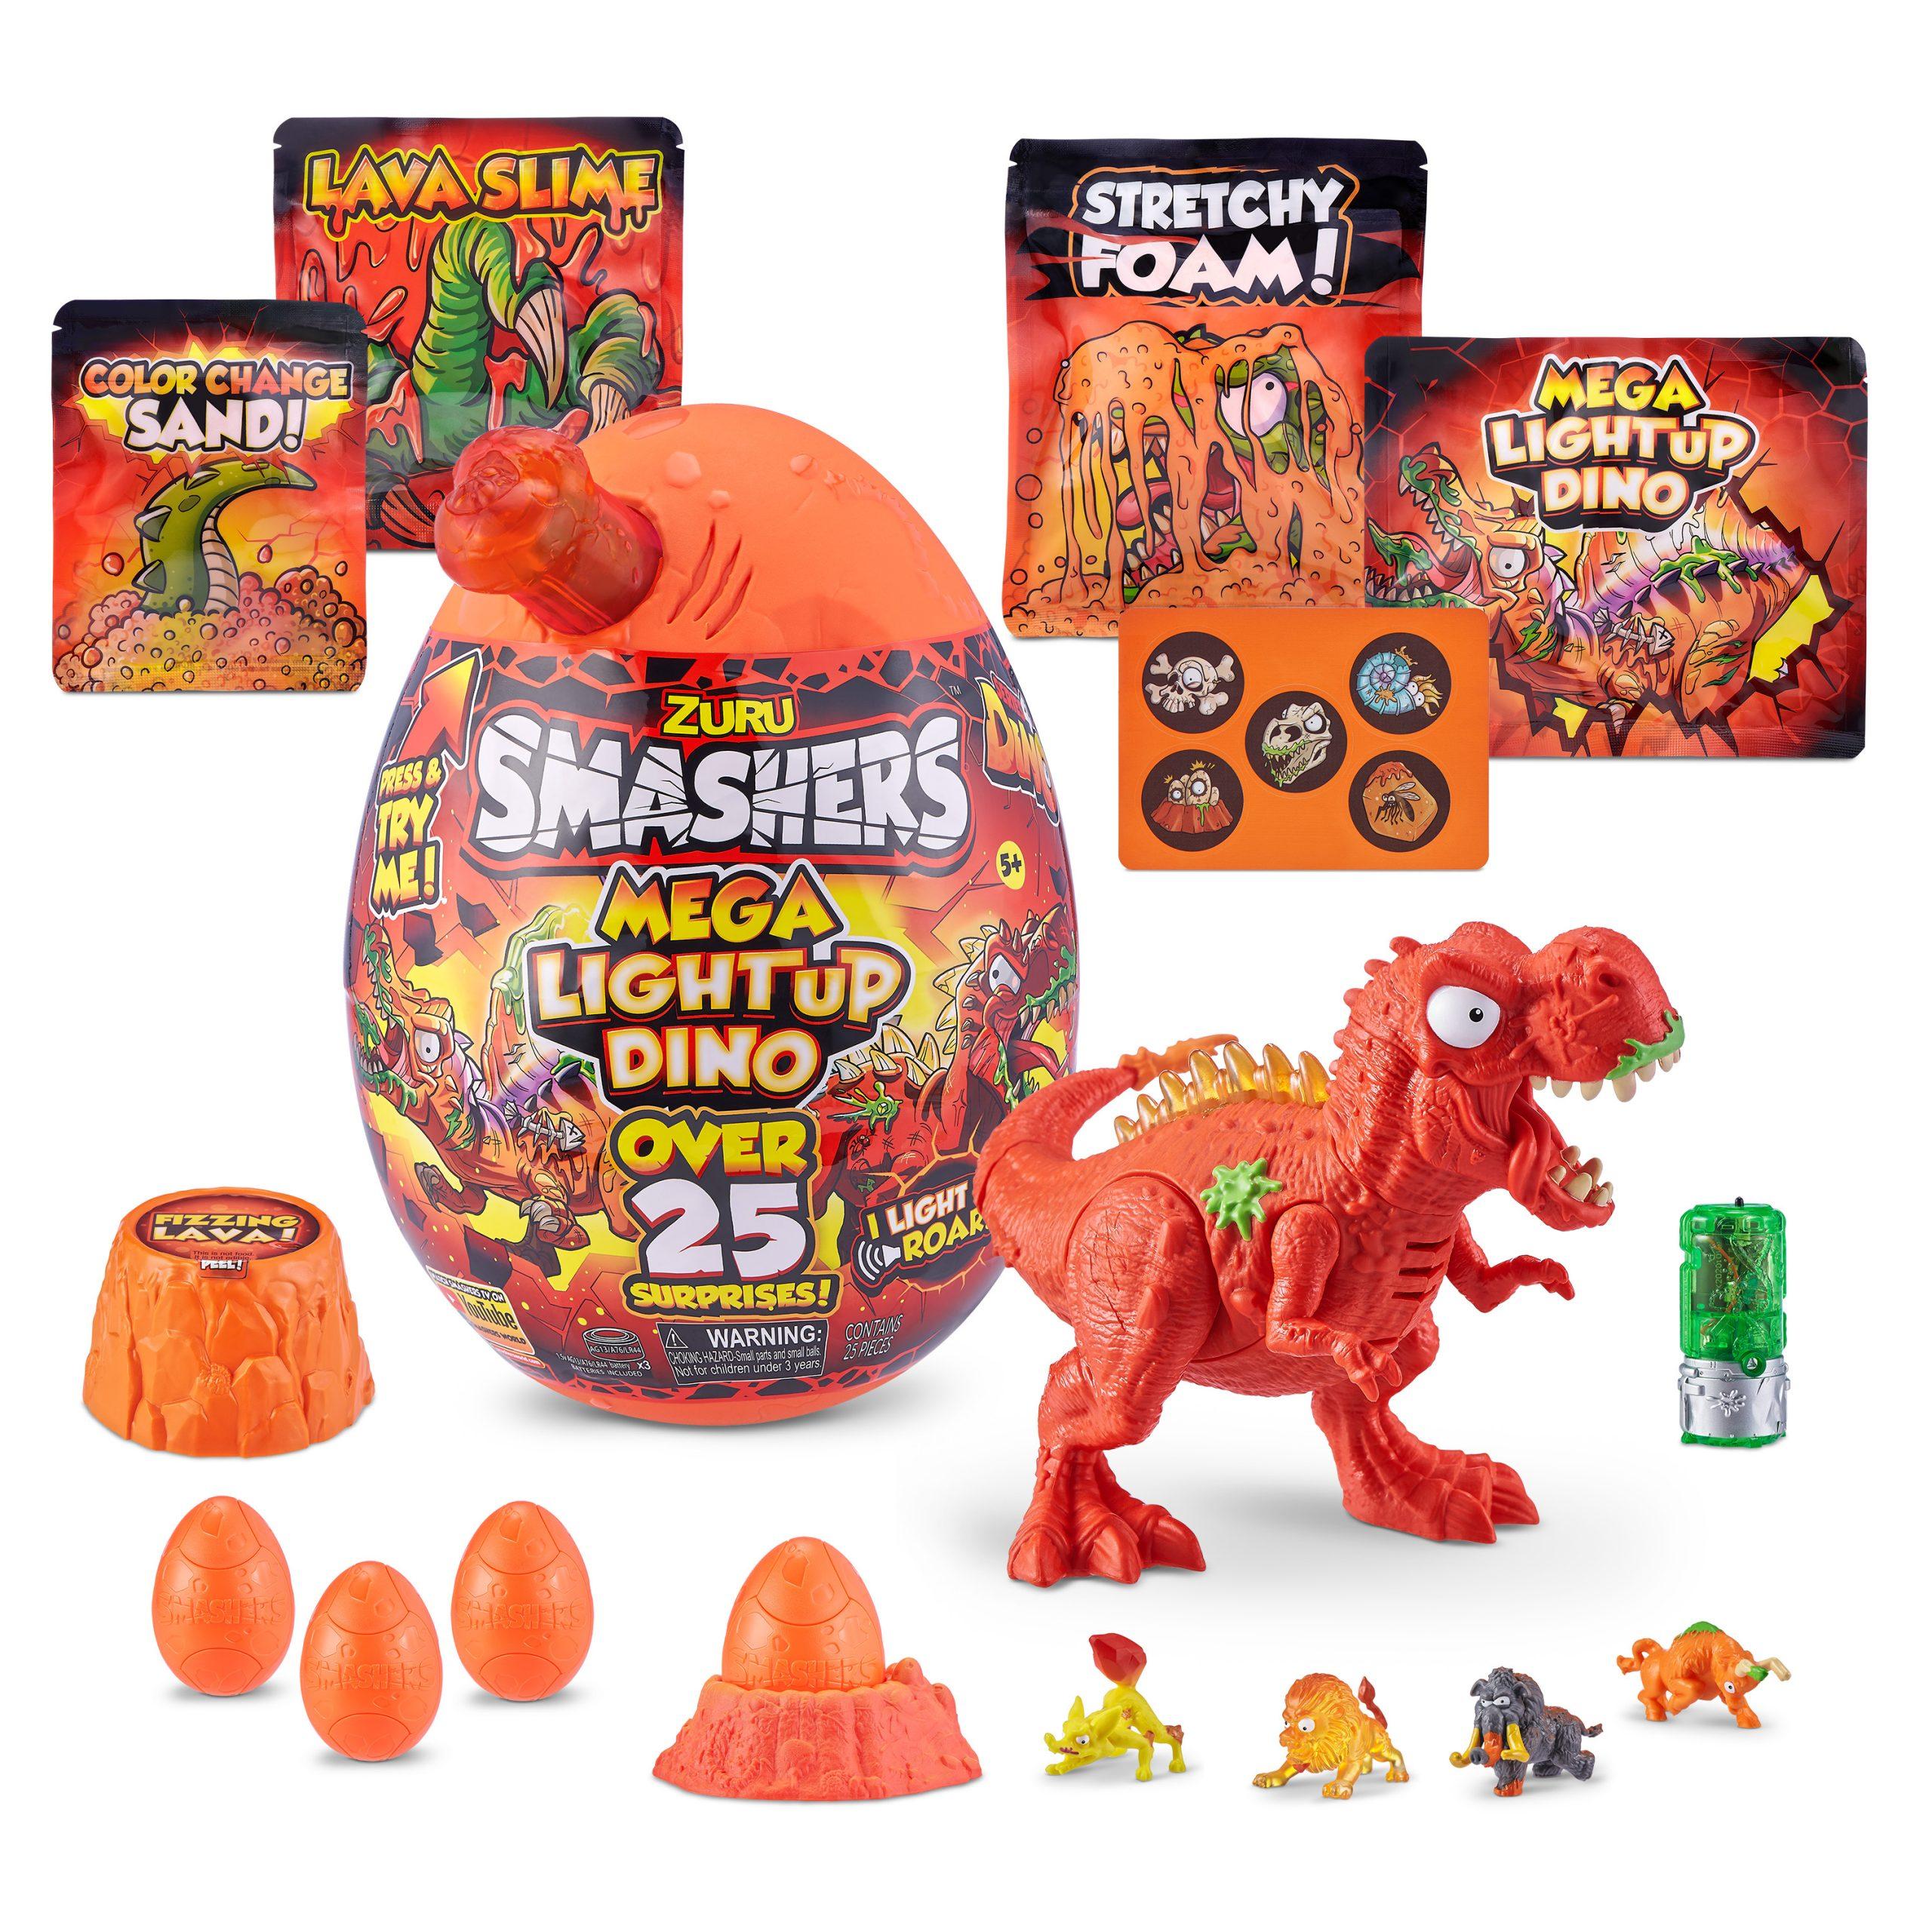 Smashers Lava Light Up Dino Mega Surprise